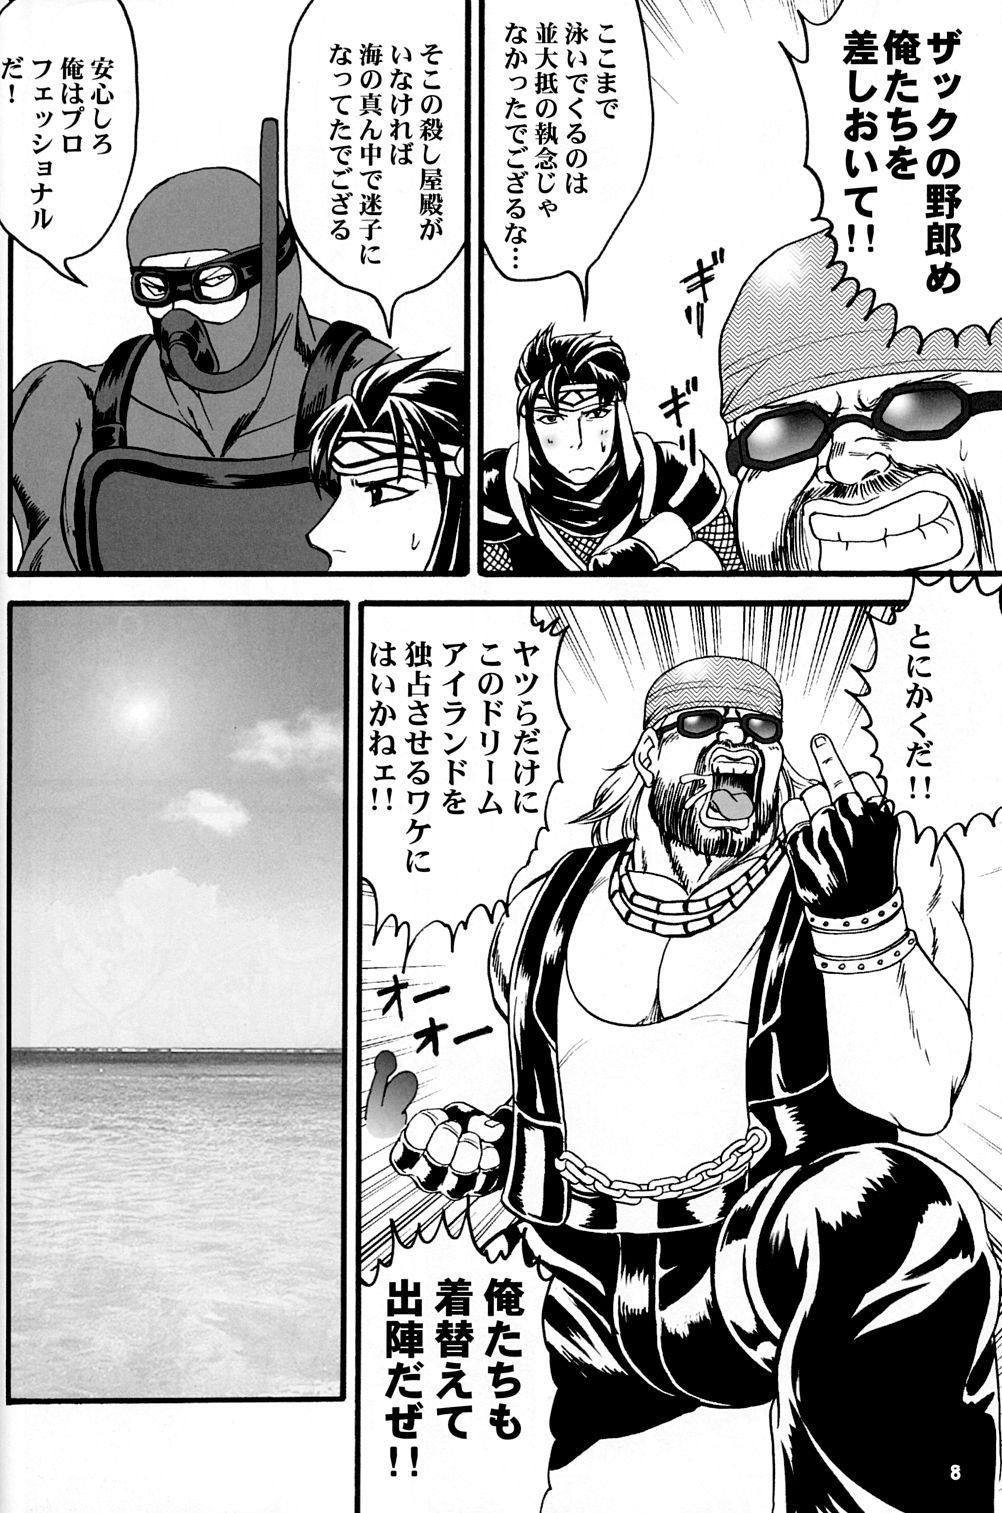 Gokujou desu yo! - It's XTREME! 6